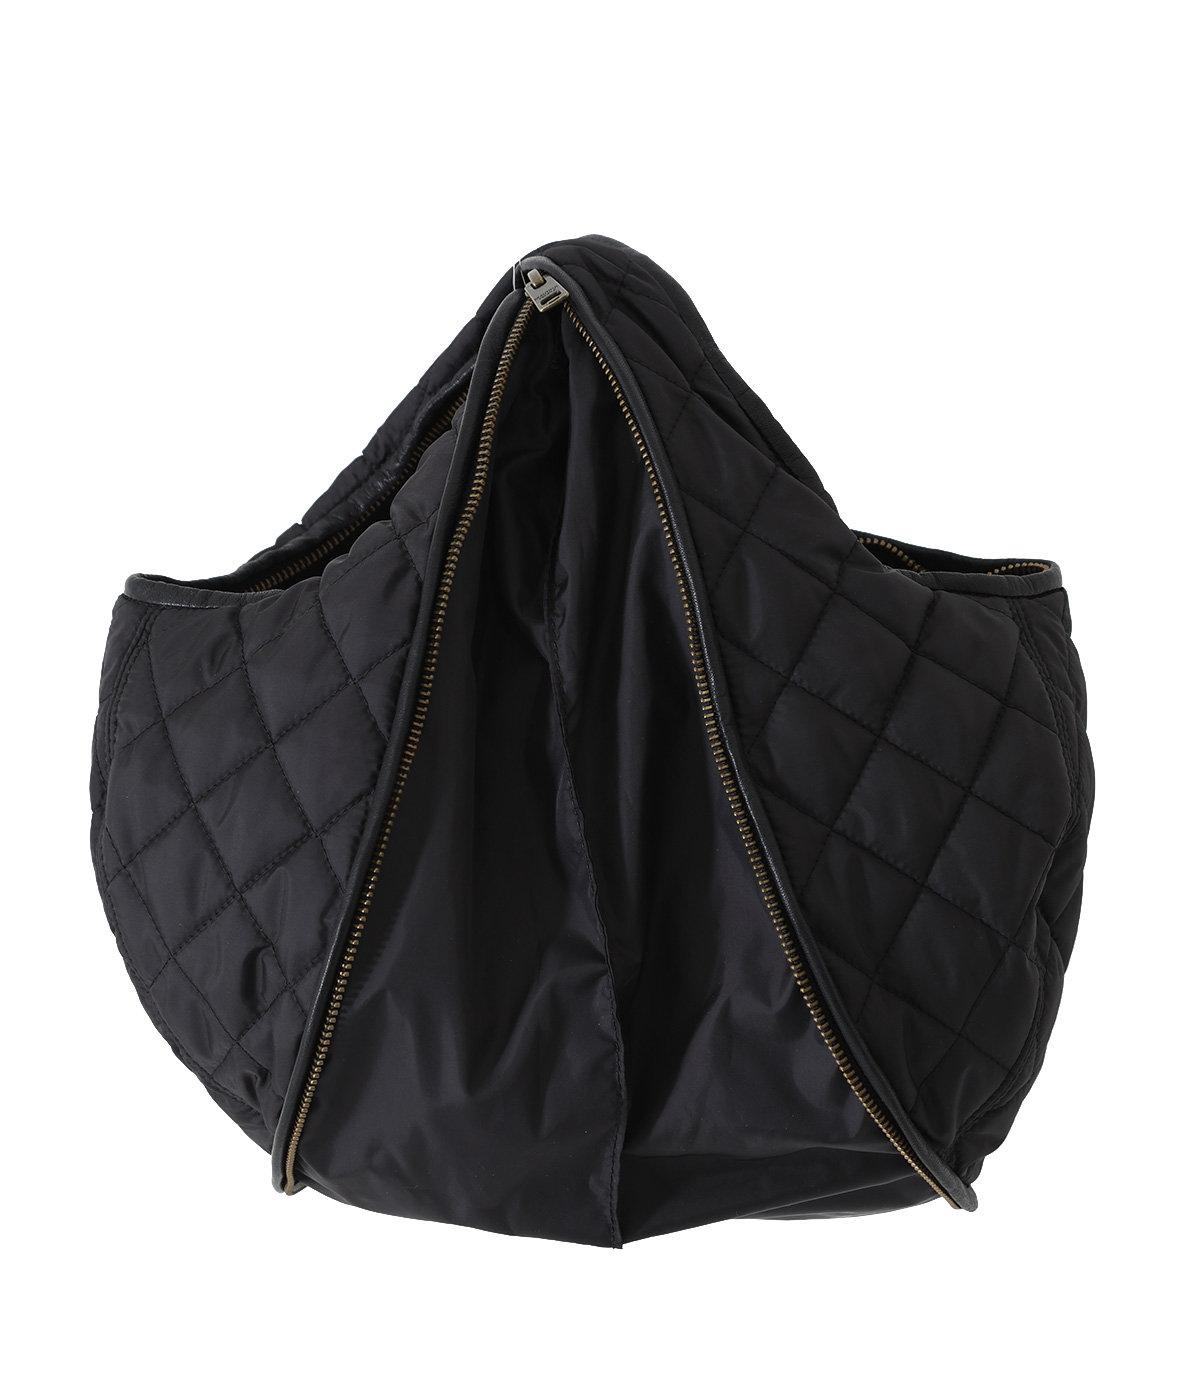 【予約】【レディース】【ONLY ARK】別注 mebius zip kilt shoulder bag